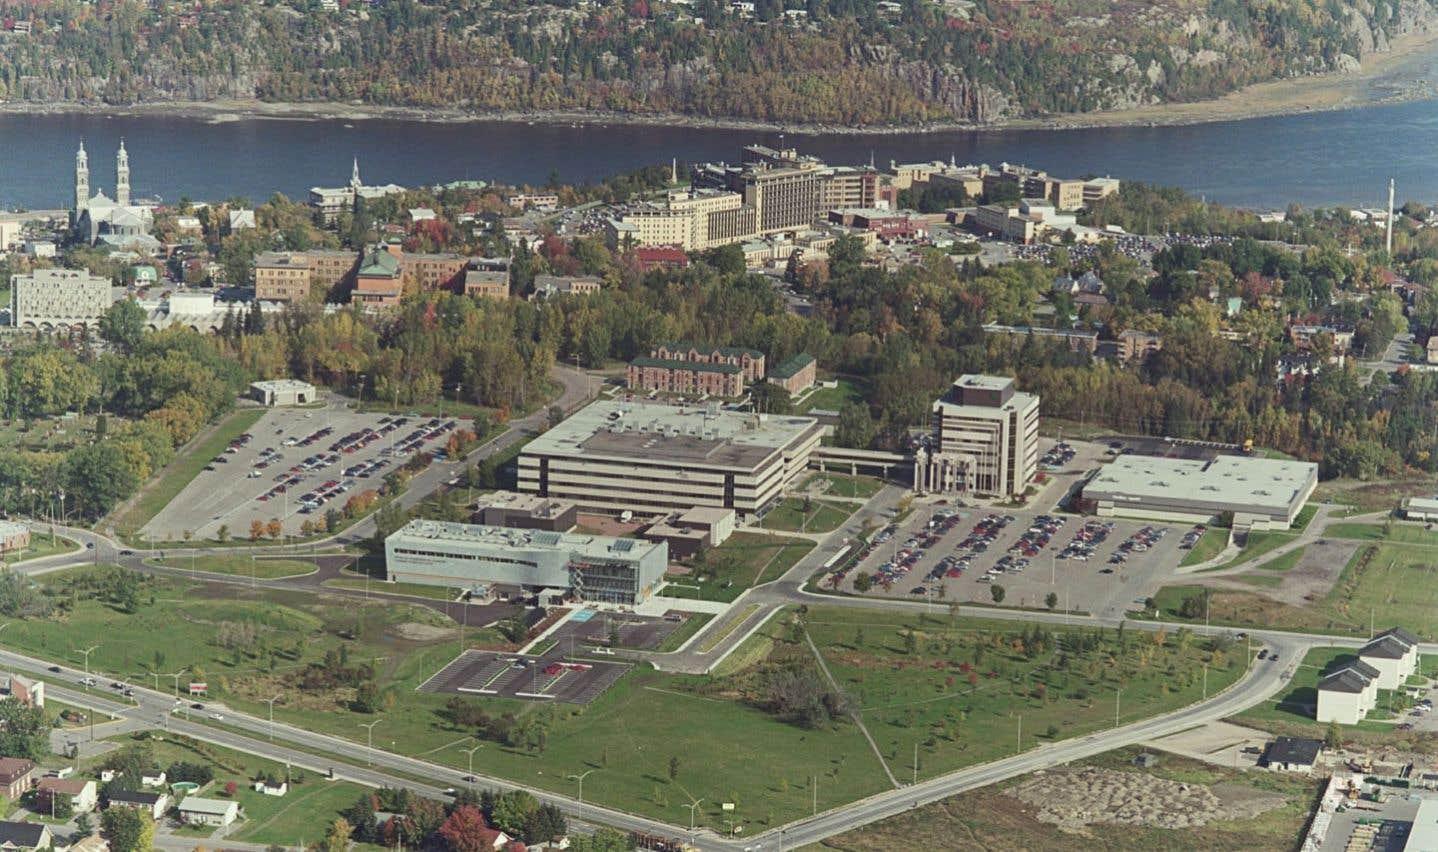 Au début des années 2000, l'Université du Québec à Chicoutimi devient un partenaire important de la bibliothèque numérique fondée par Jean-Marie Tremblay en hébergeant son site au sein d'un portail disponible dans Internet.